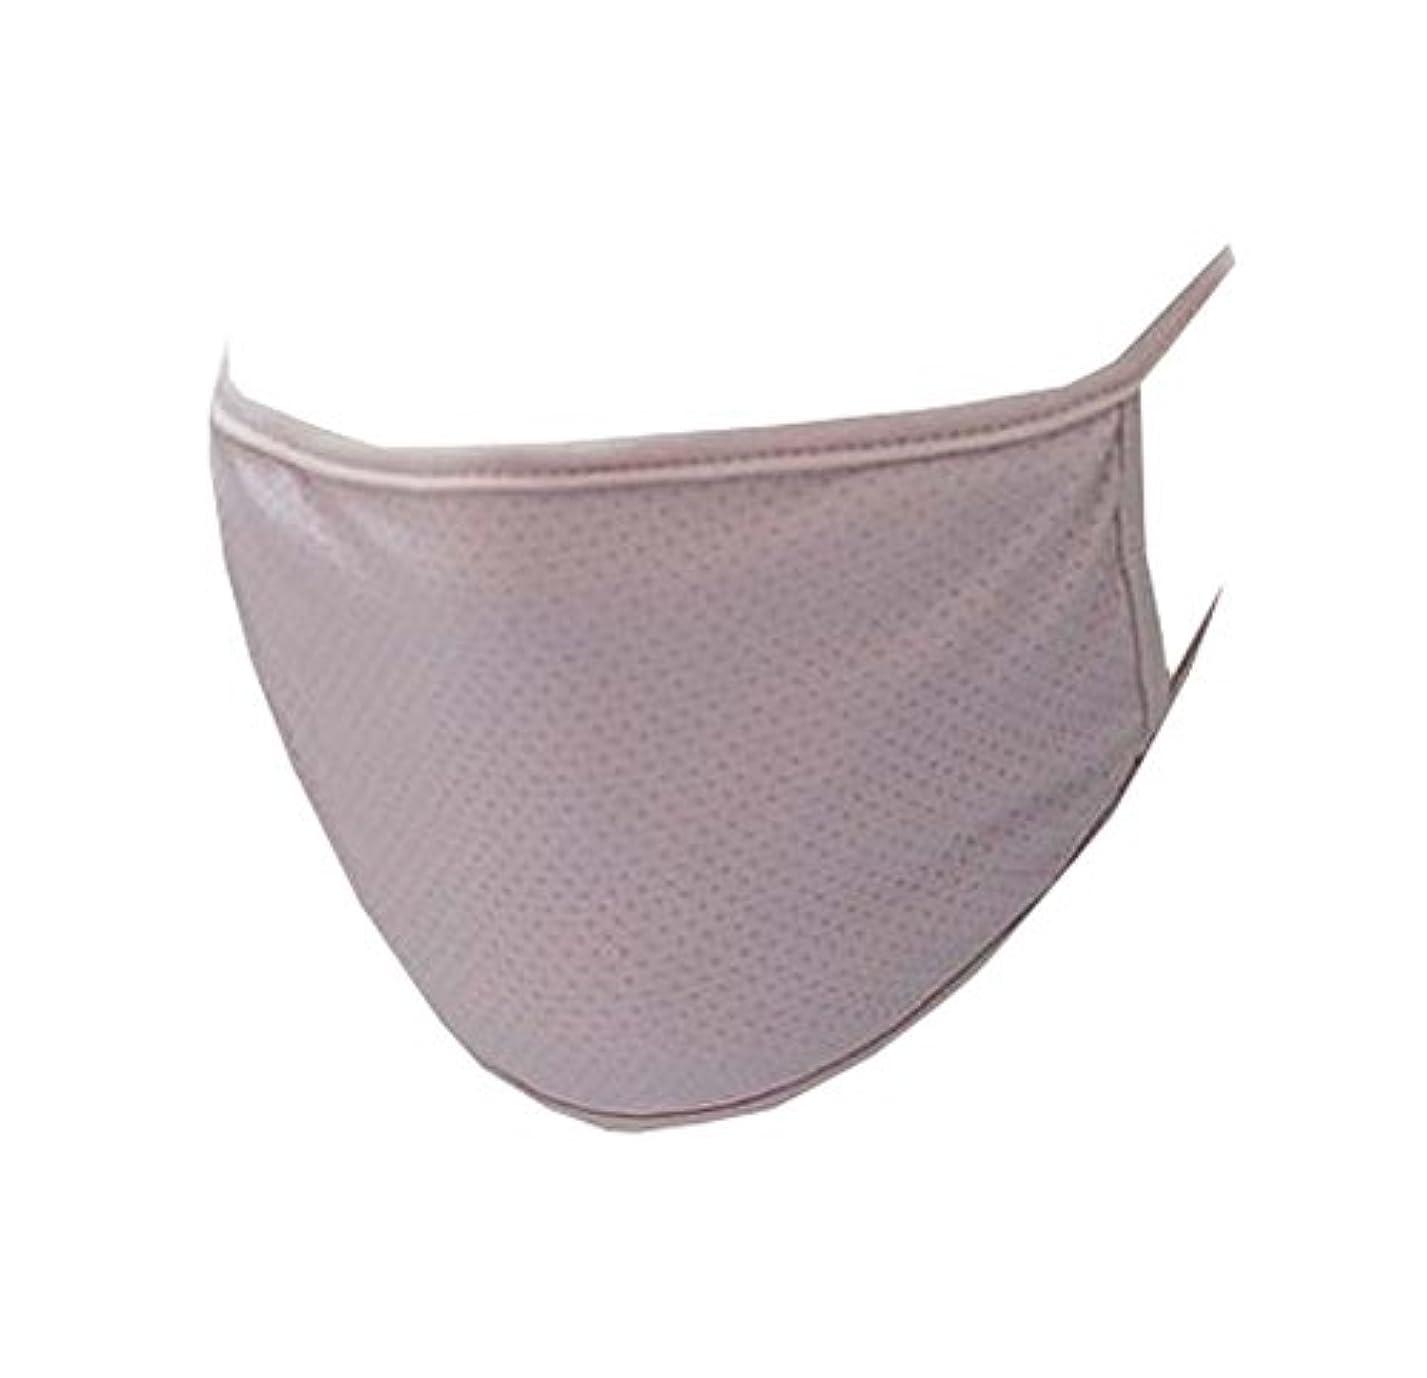 ジョセフバンクスマイルド輪郭口マスク、再使用可能フィルター - 埃、花粉、アレルゲン、抗UV、およびインフルエンザ菌 - F